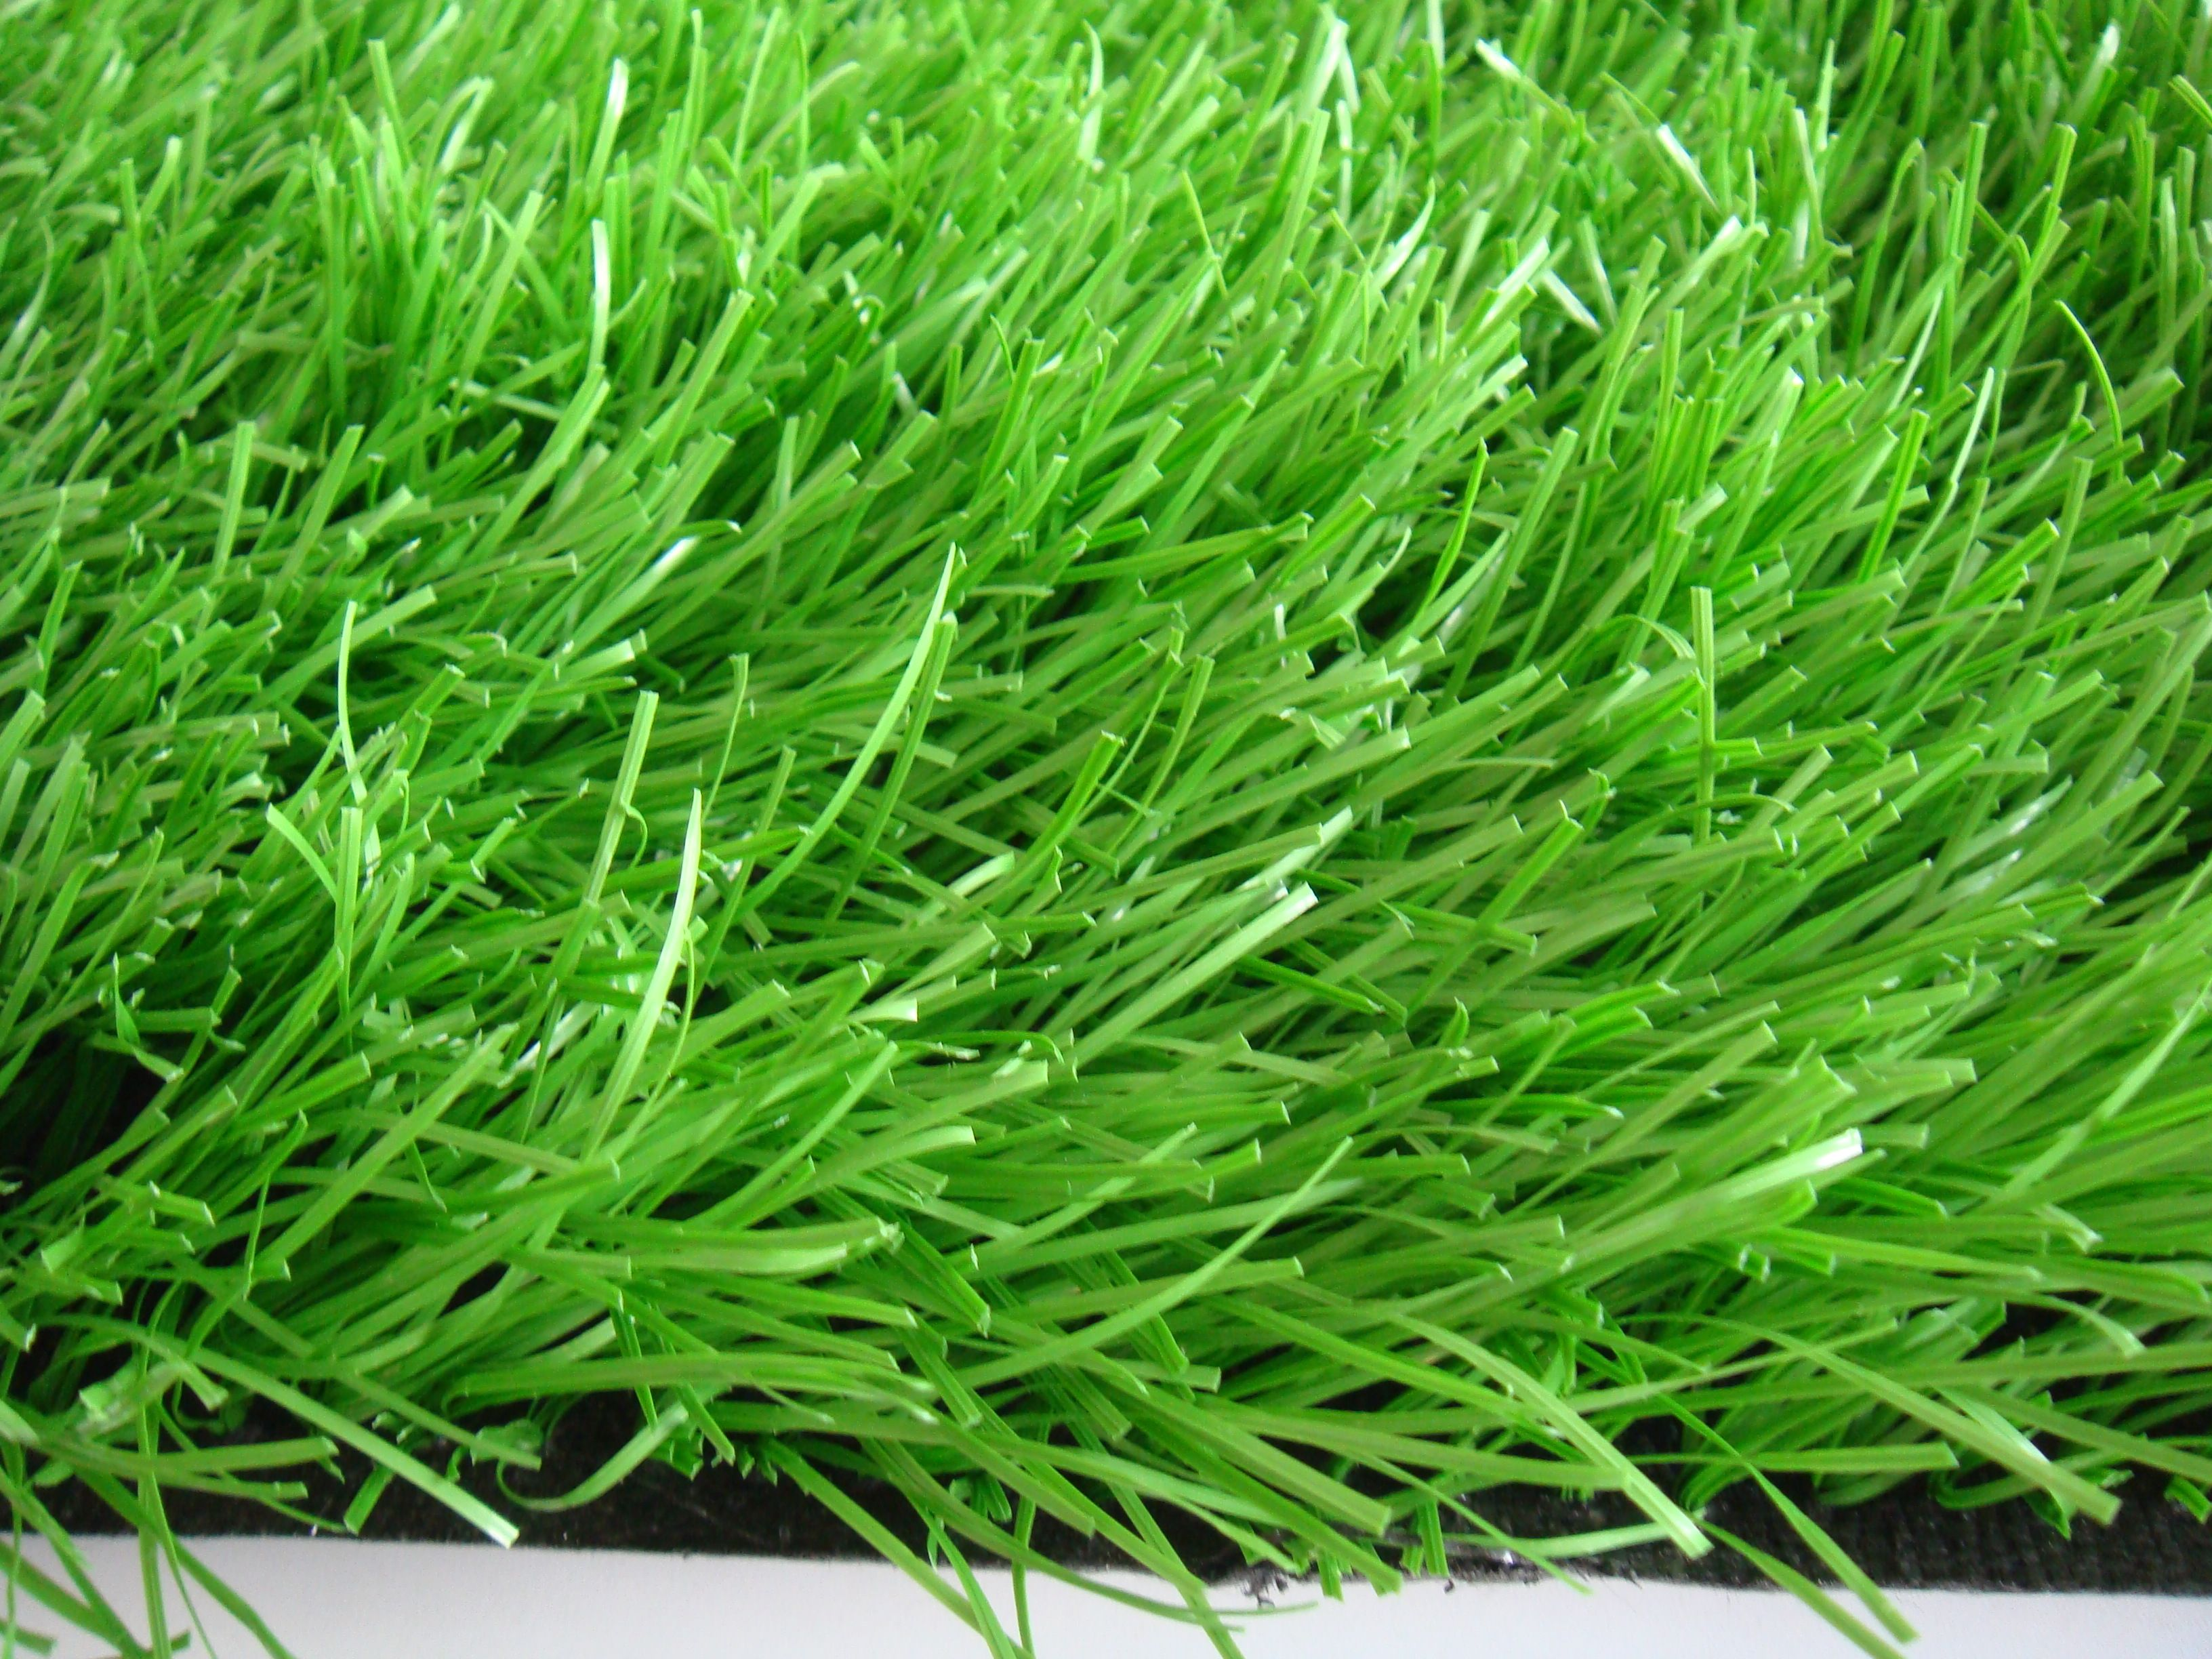 Bên cạnh đó, rubber granules còn góp phần giảm chấn thương, tăng độ nảy bóng cho các cầu thủ trên sân hoàn thành tốt trận cầu của mình.